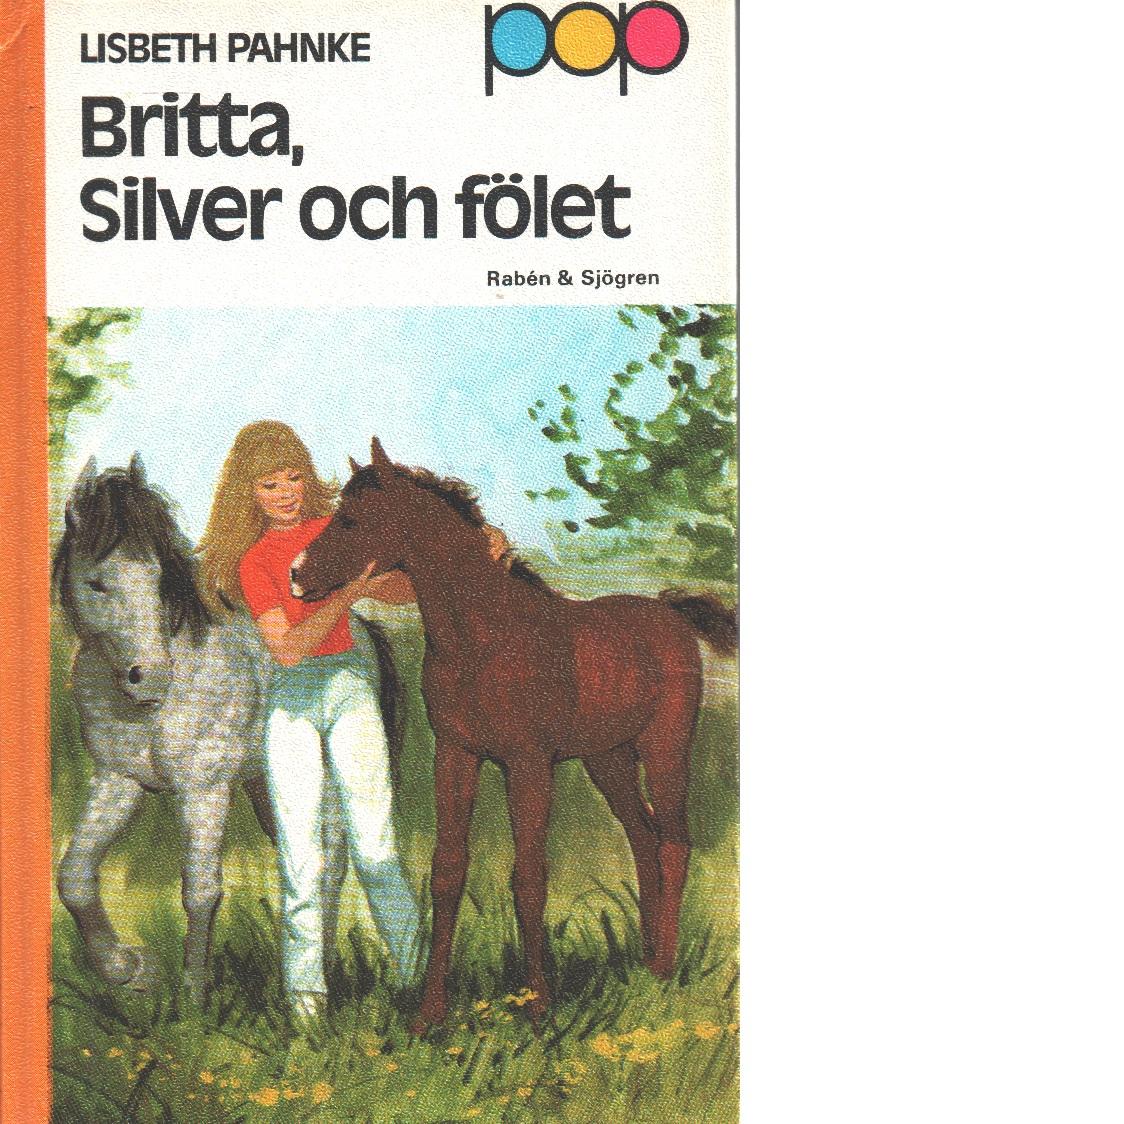 Britta, Silver och fölet. - Pahnke, Lisbeth